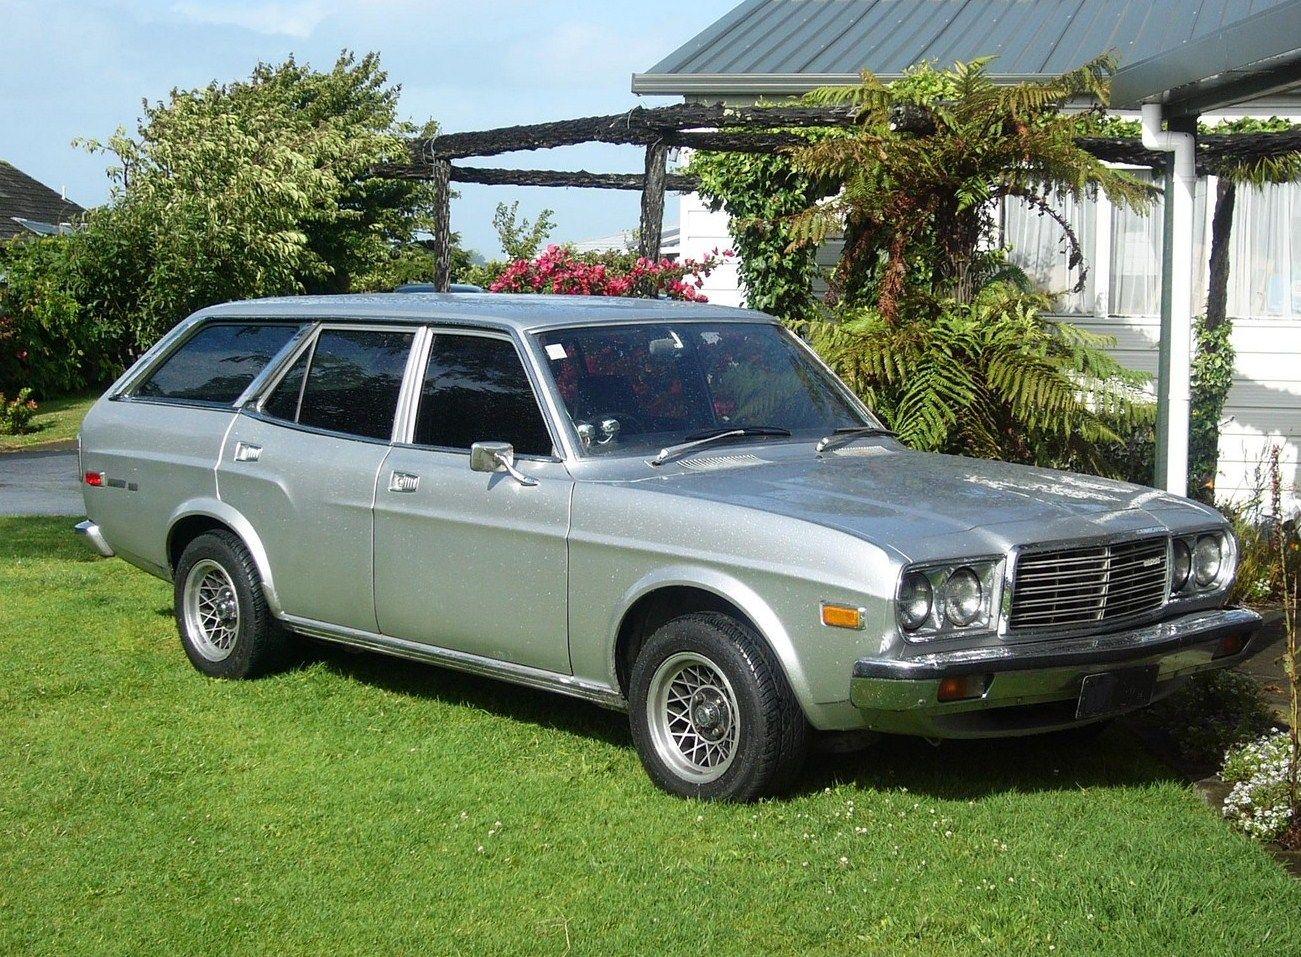 Mazda 929 stasjonsvogn 1977 | Cars - Mazda RX4 Luce 929 ...